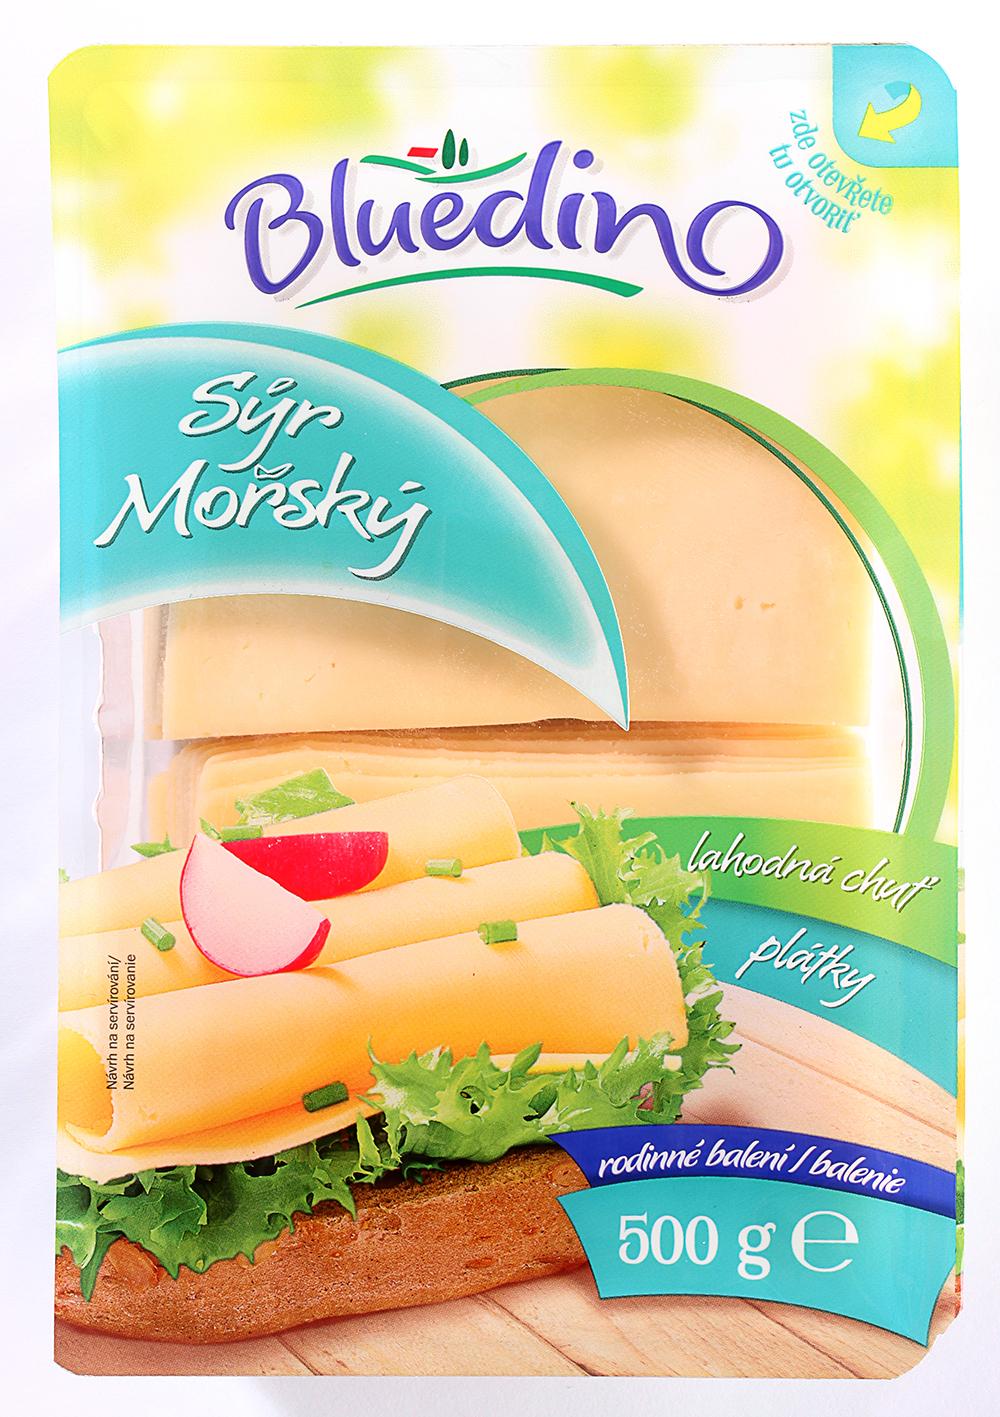 Bluedino Morský syr a Eidam pre celú rodinu